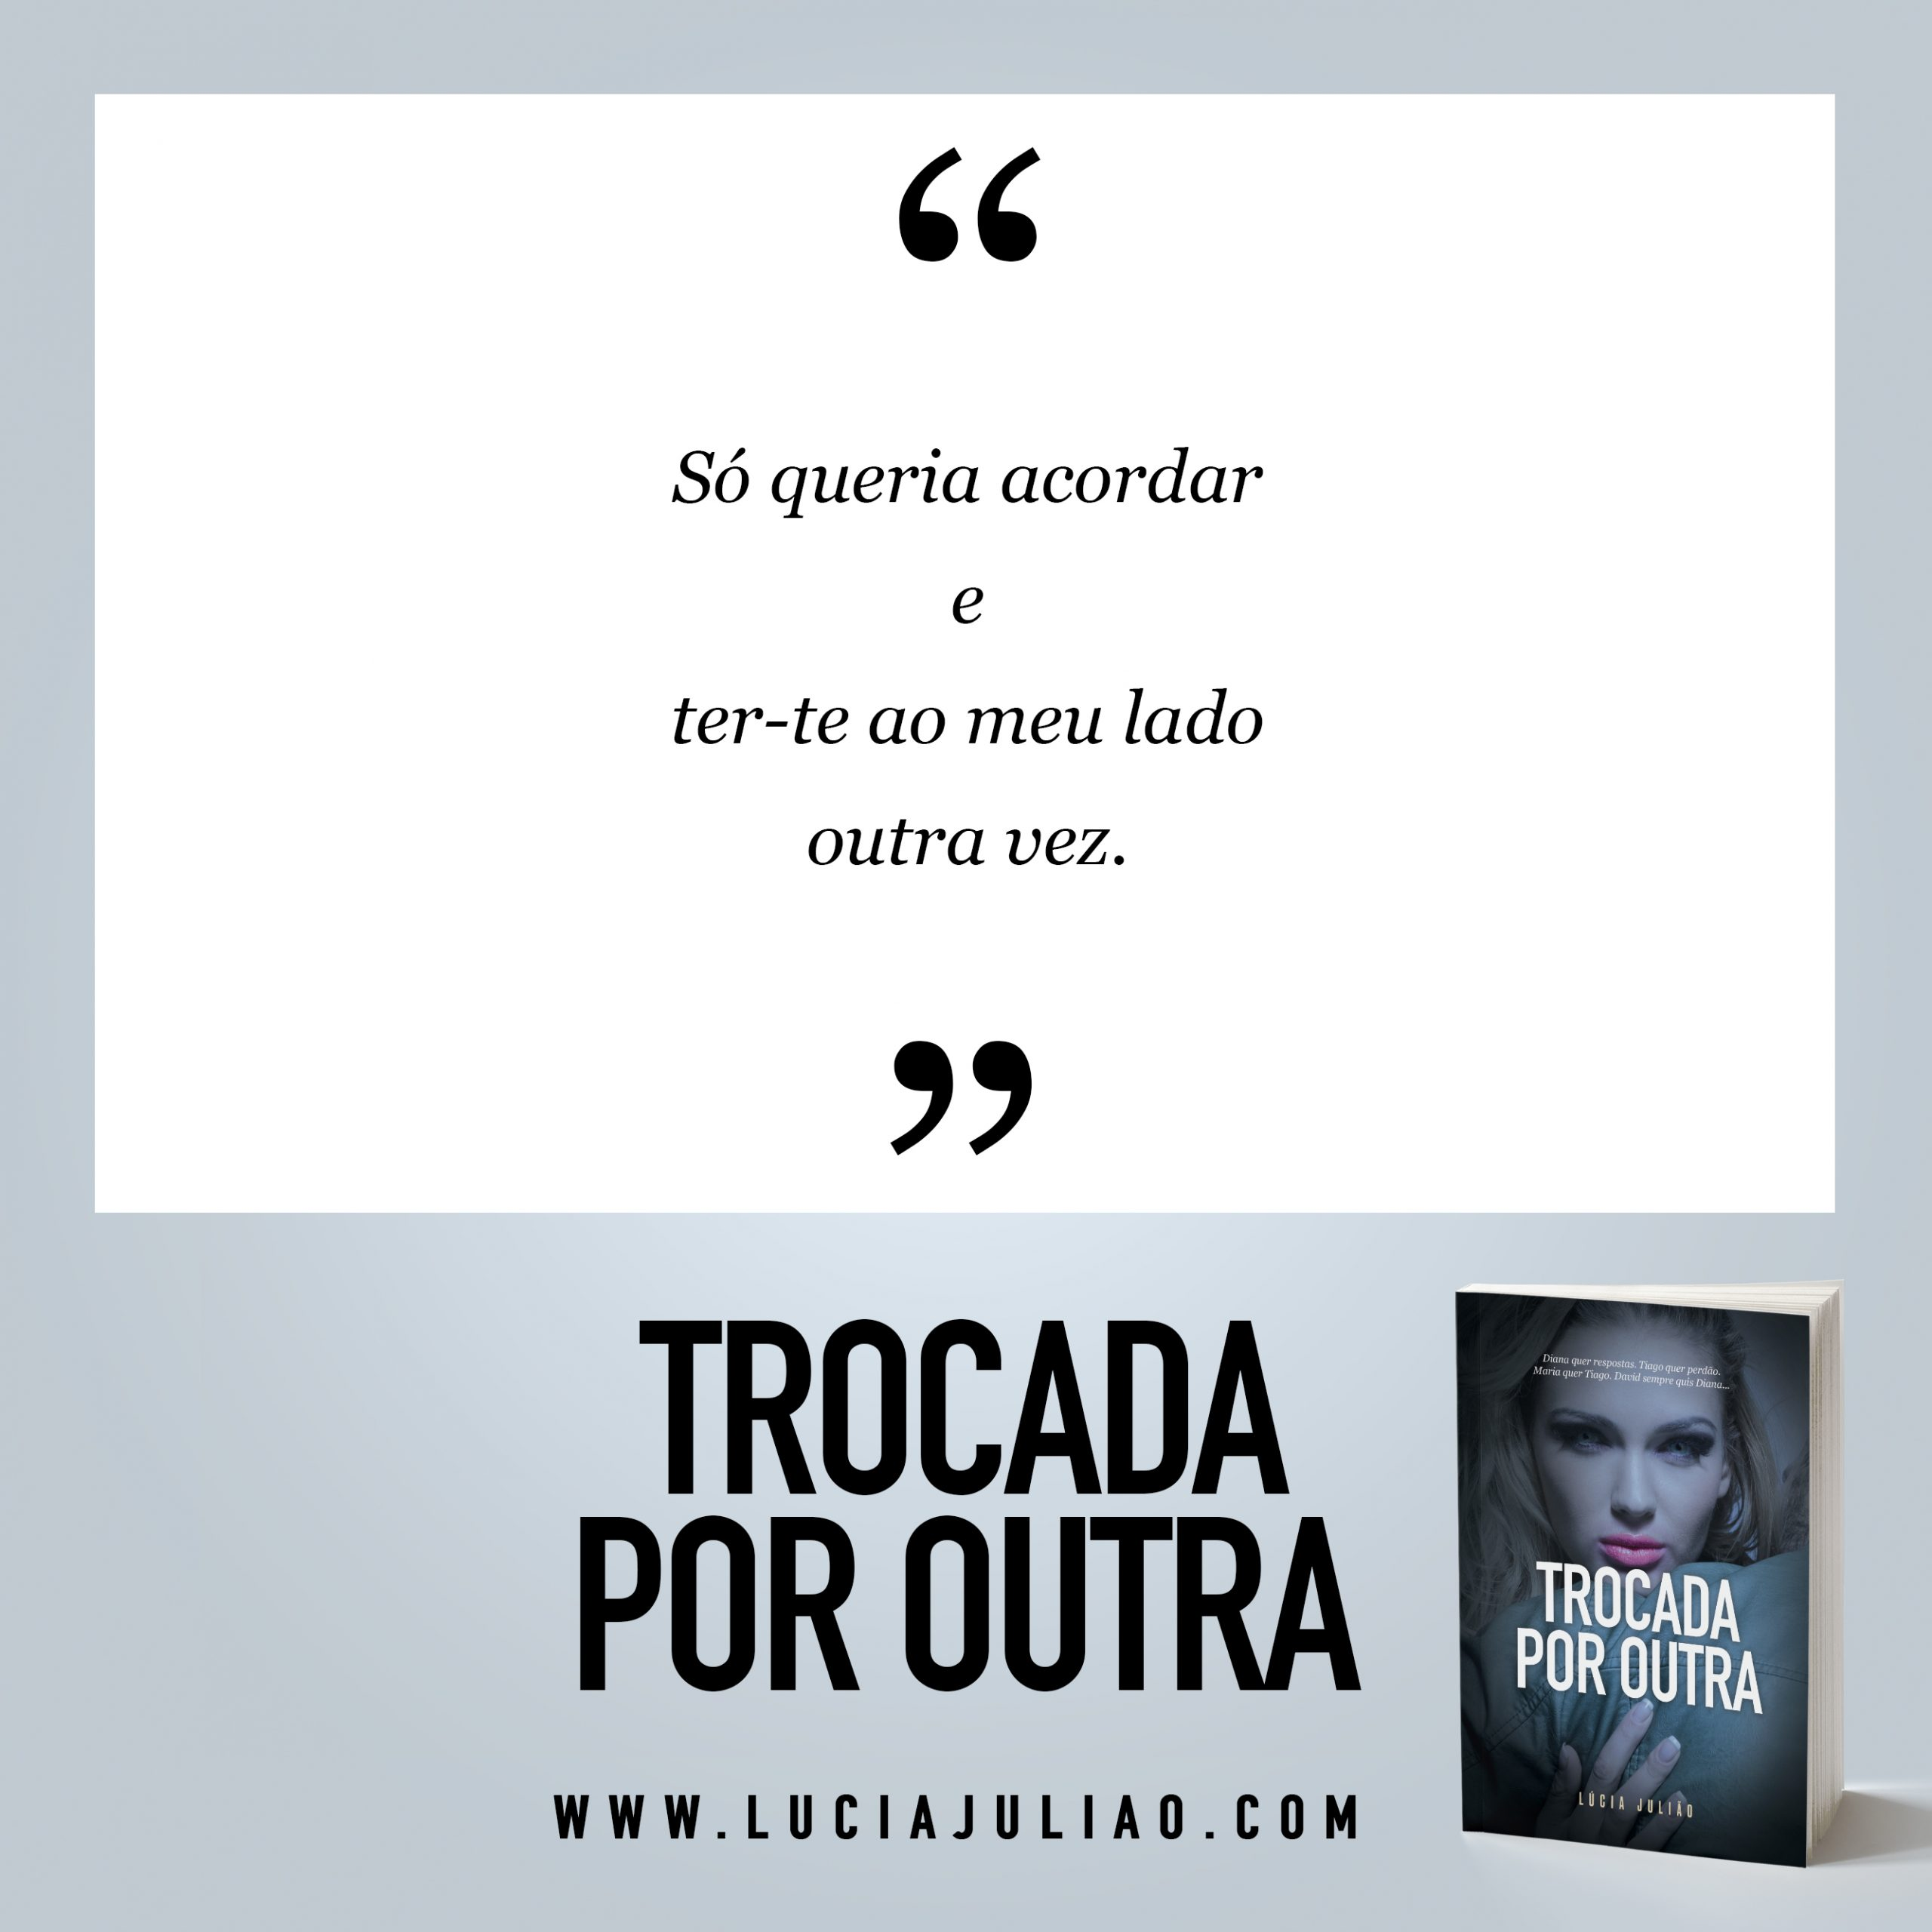 040Q - capitulo 11 Trocada por outra - Lúcia Julião